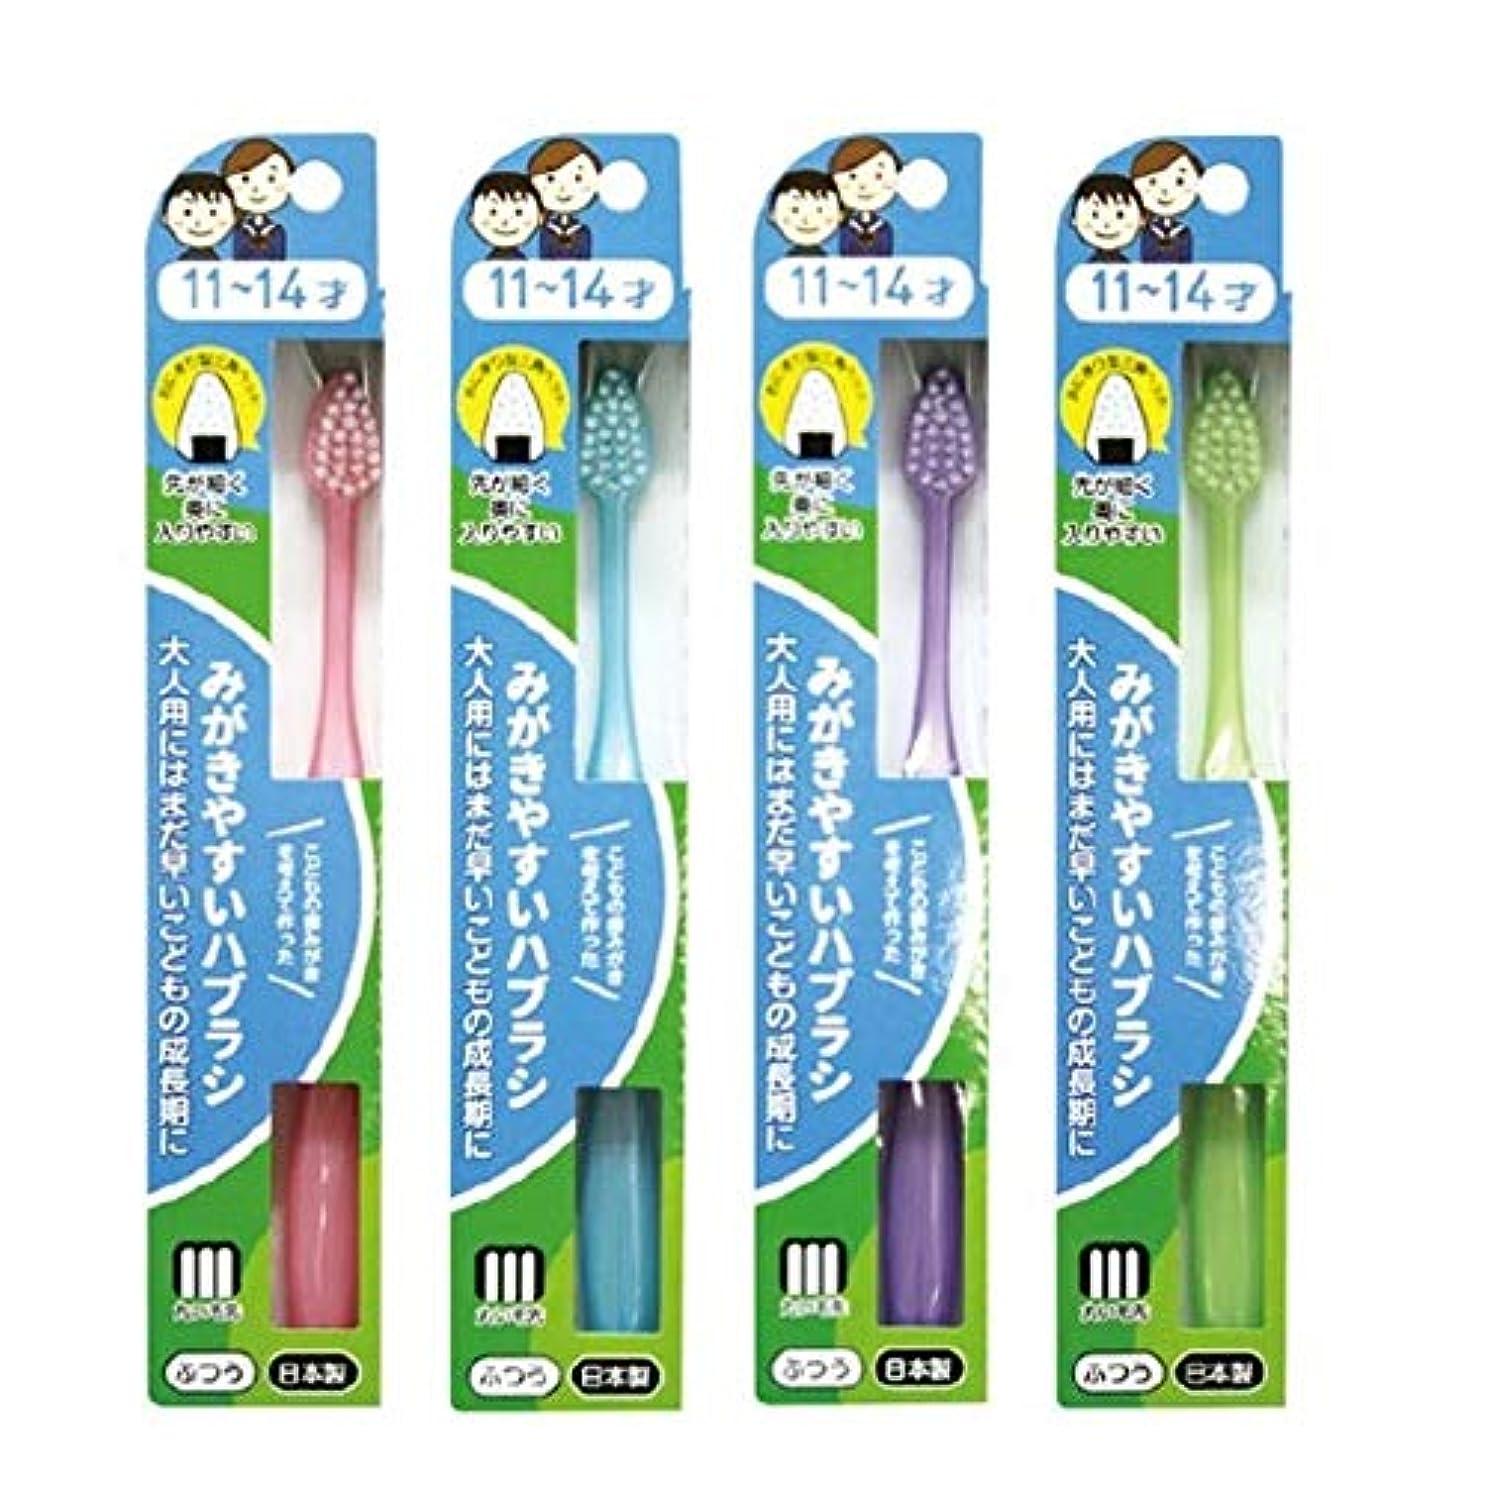 みがきやすいハブラシ 11~14才用 フラット LT-40×12本セット(ピンク×1、ブルー×1、パープル×1、グリーン×1)